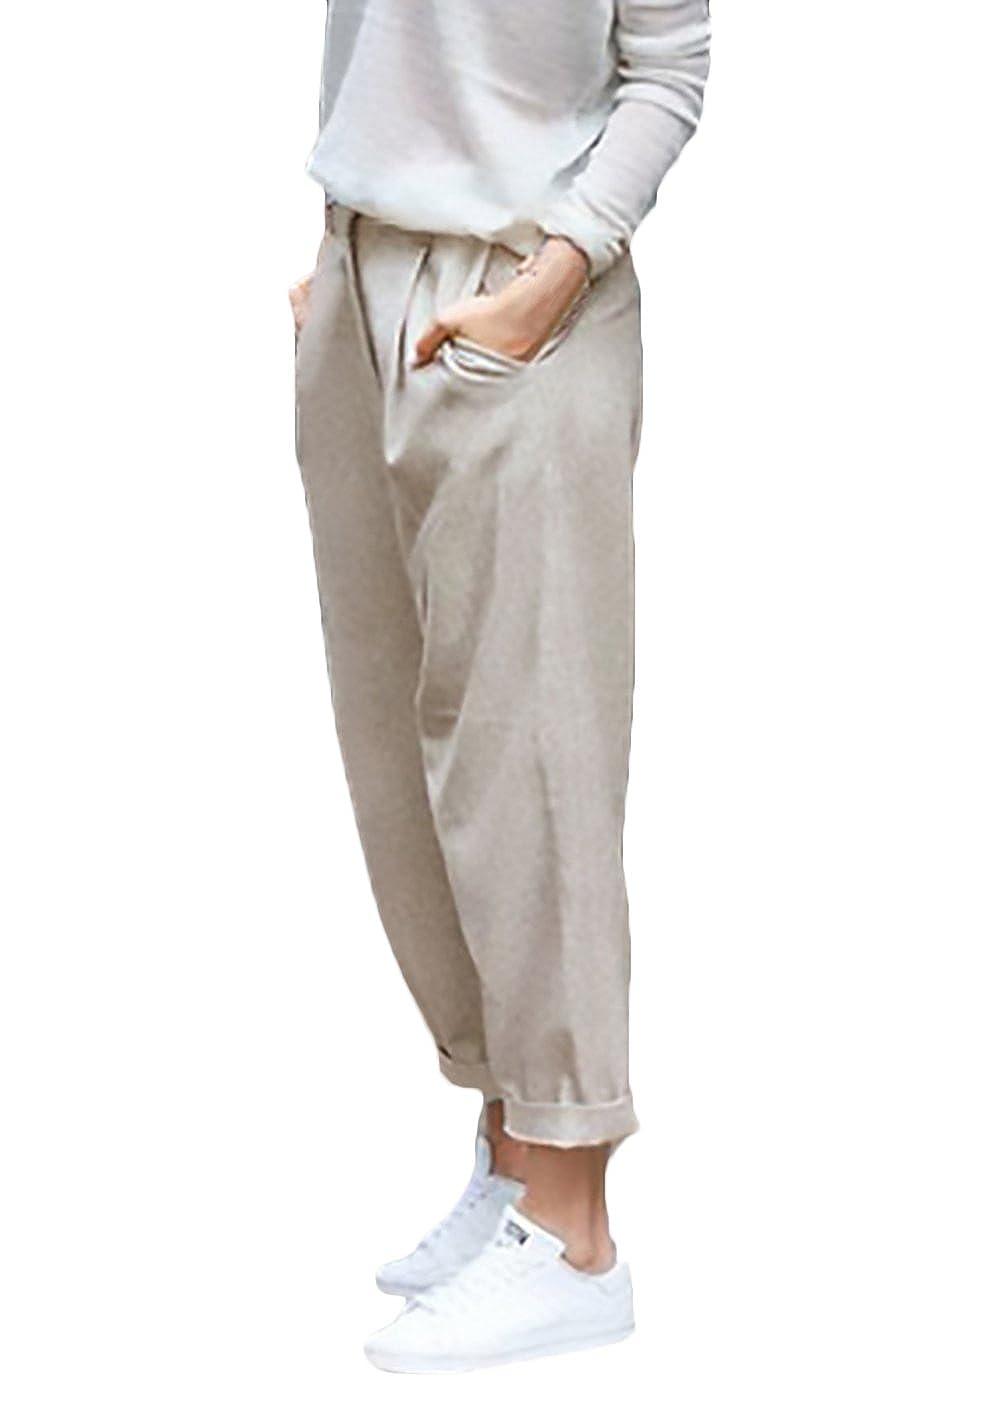 Pantaloni Donna Eleganti Moda Puro Colore Casual Taglie Forti Baggy Comode  Giovane Grazioso con Elastico in Vita Pantalone Lino Women  Amazon.it  ... c035bf1b23d